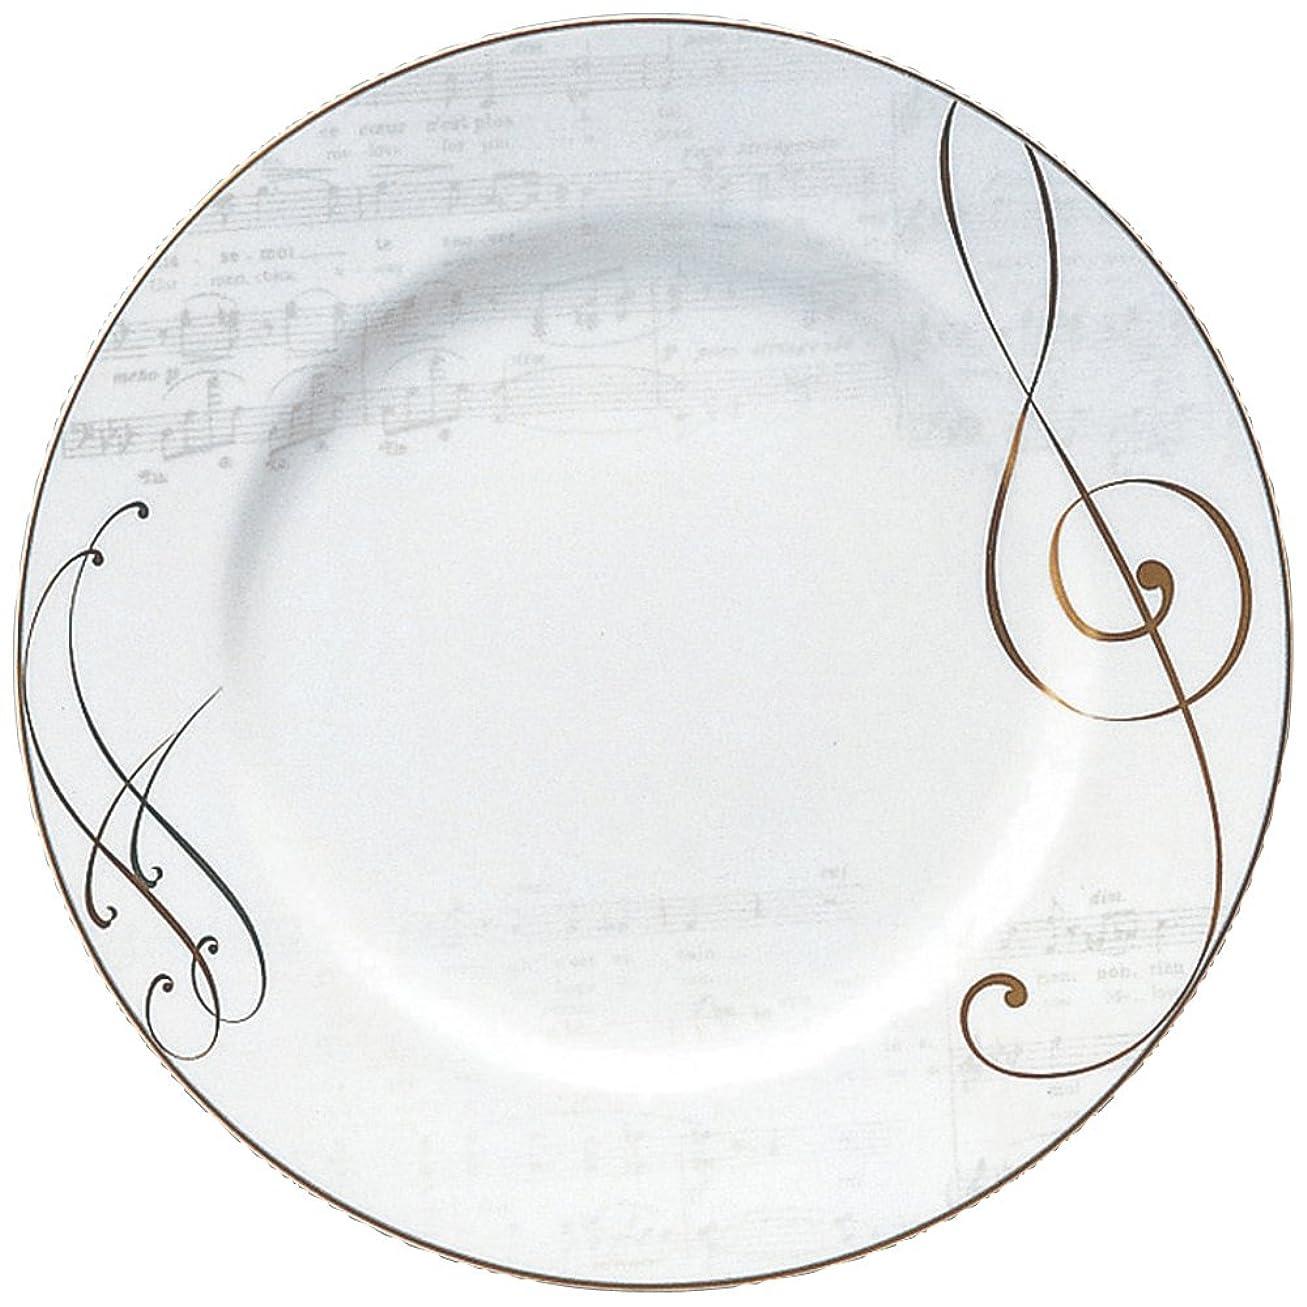 憂鬱な天窓オーケストラNARUMI(ナルミ) プレート 皿 オンプ ゴールド 27cm アラカルト 日本製 50528-1557